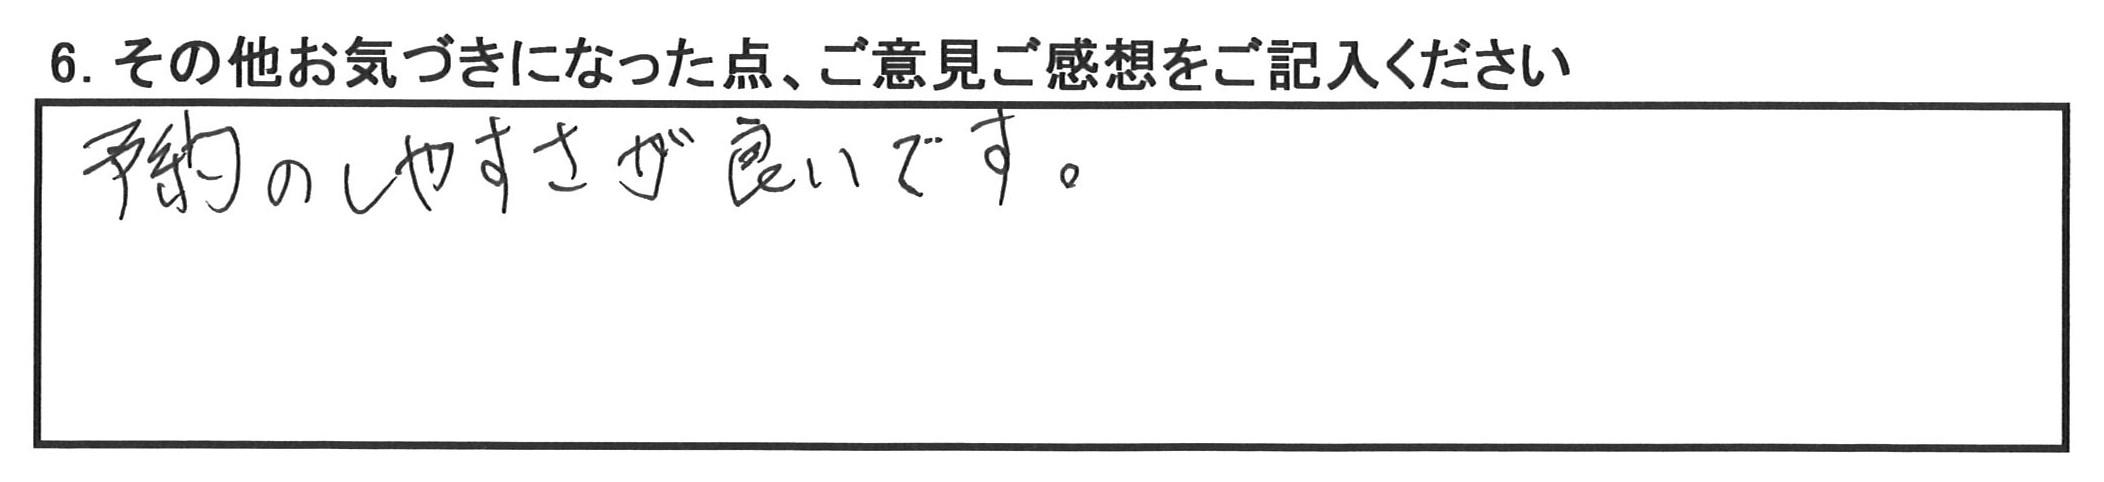 20160612鈴木さまアンケート